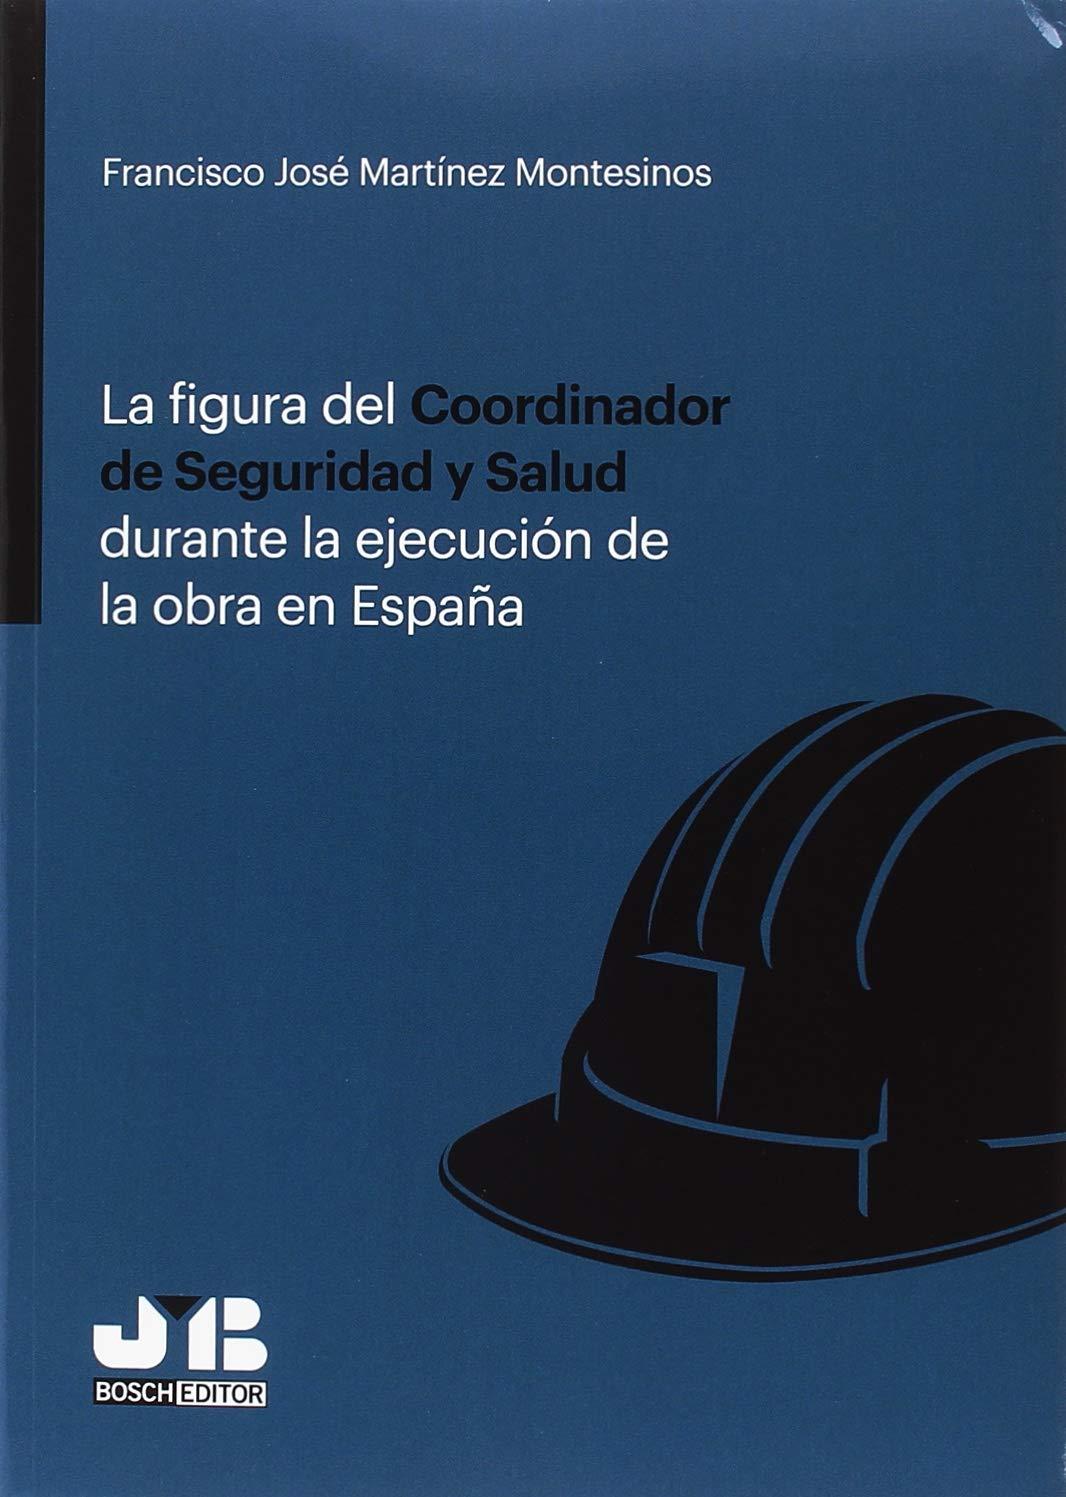 La figura del Coordinador de Seguridad y Salud durante la ejecución de la obra en España: Amazon.es: Martínez Montesinos, Francisco José: Libros